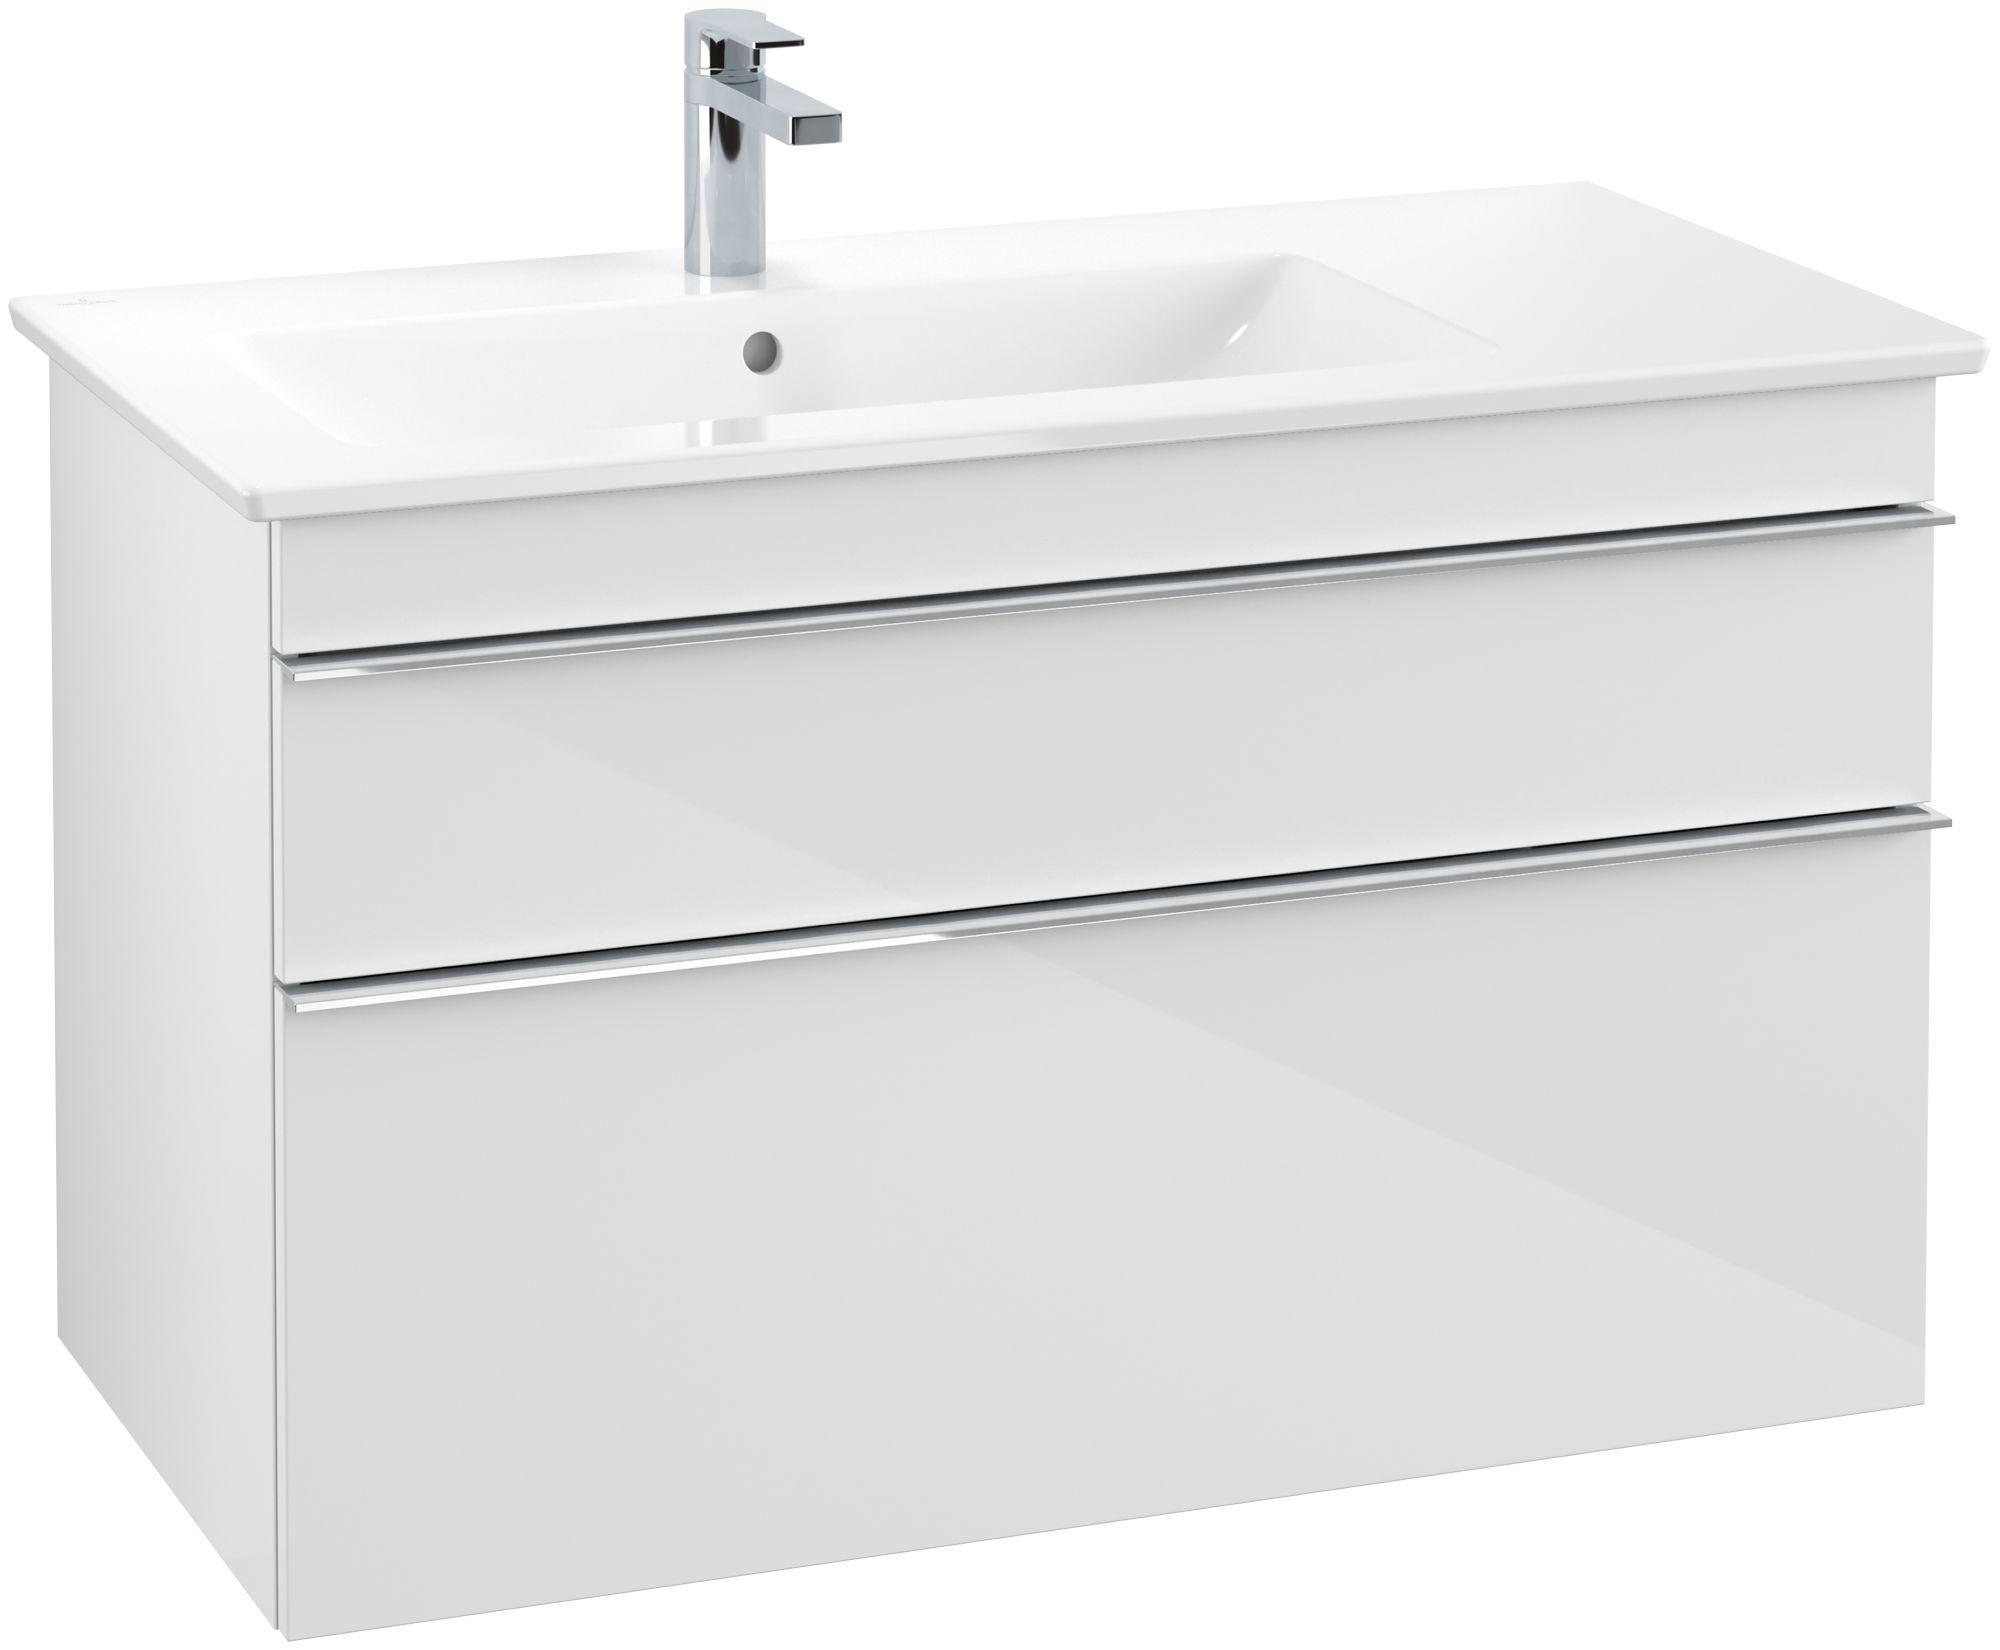 Villeroy & Boch Venticello Waschtischunterschrank 2 Auszüge B:953xT:502xH:590mm glossy weiß Griffe chrom A92701DH